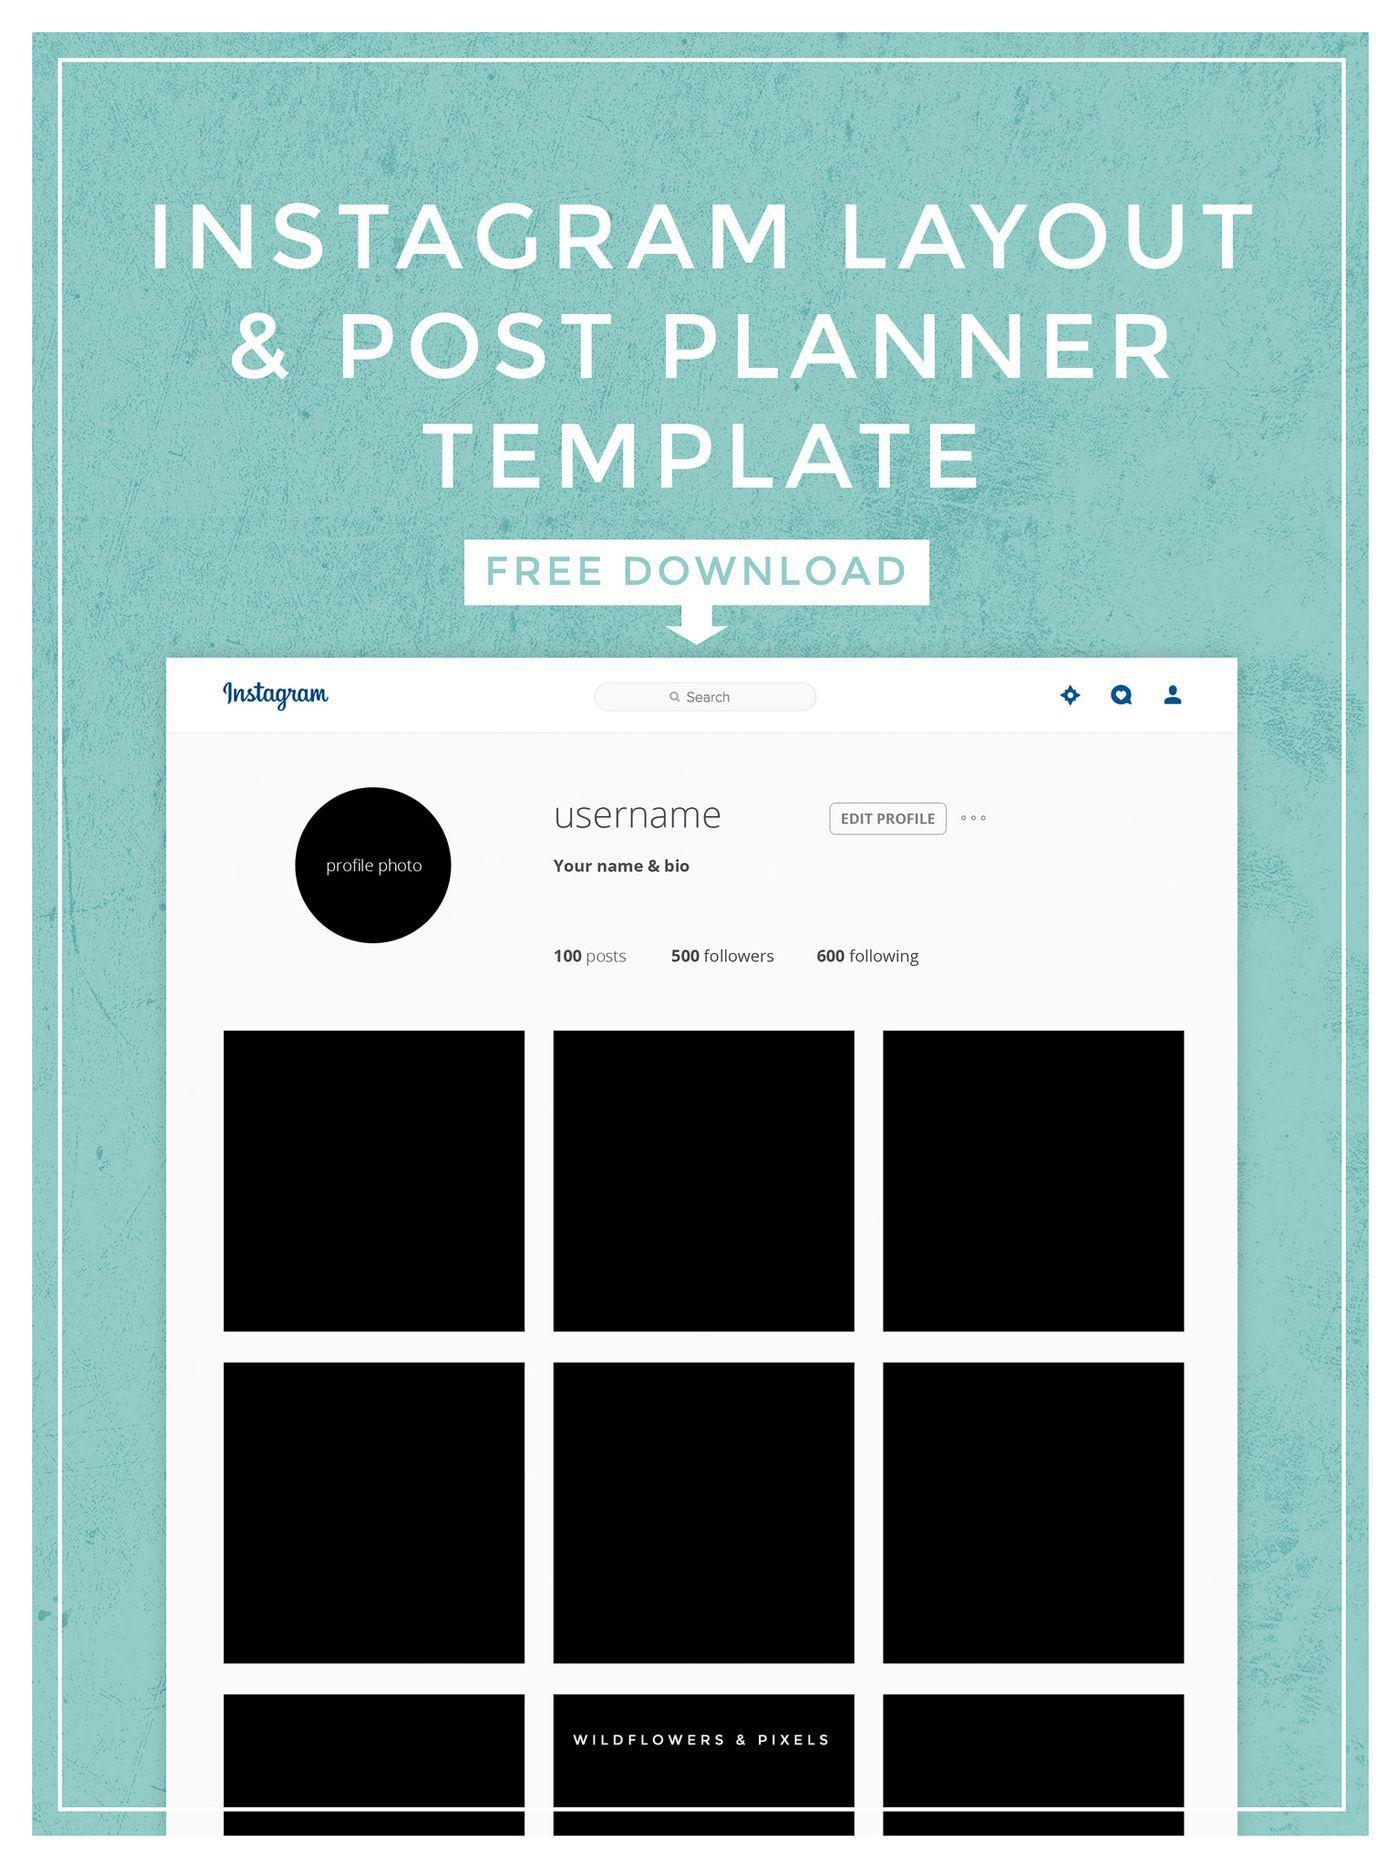 instagram layout post planner template planner. Black Bedroom Furniture Sets. Home Design Ideas